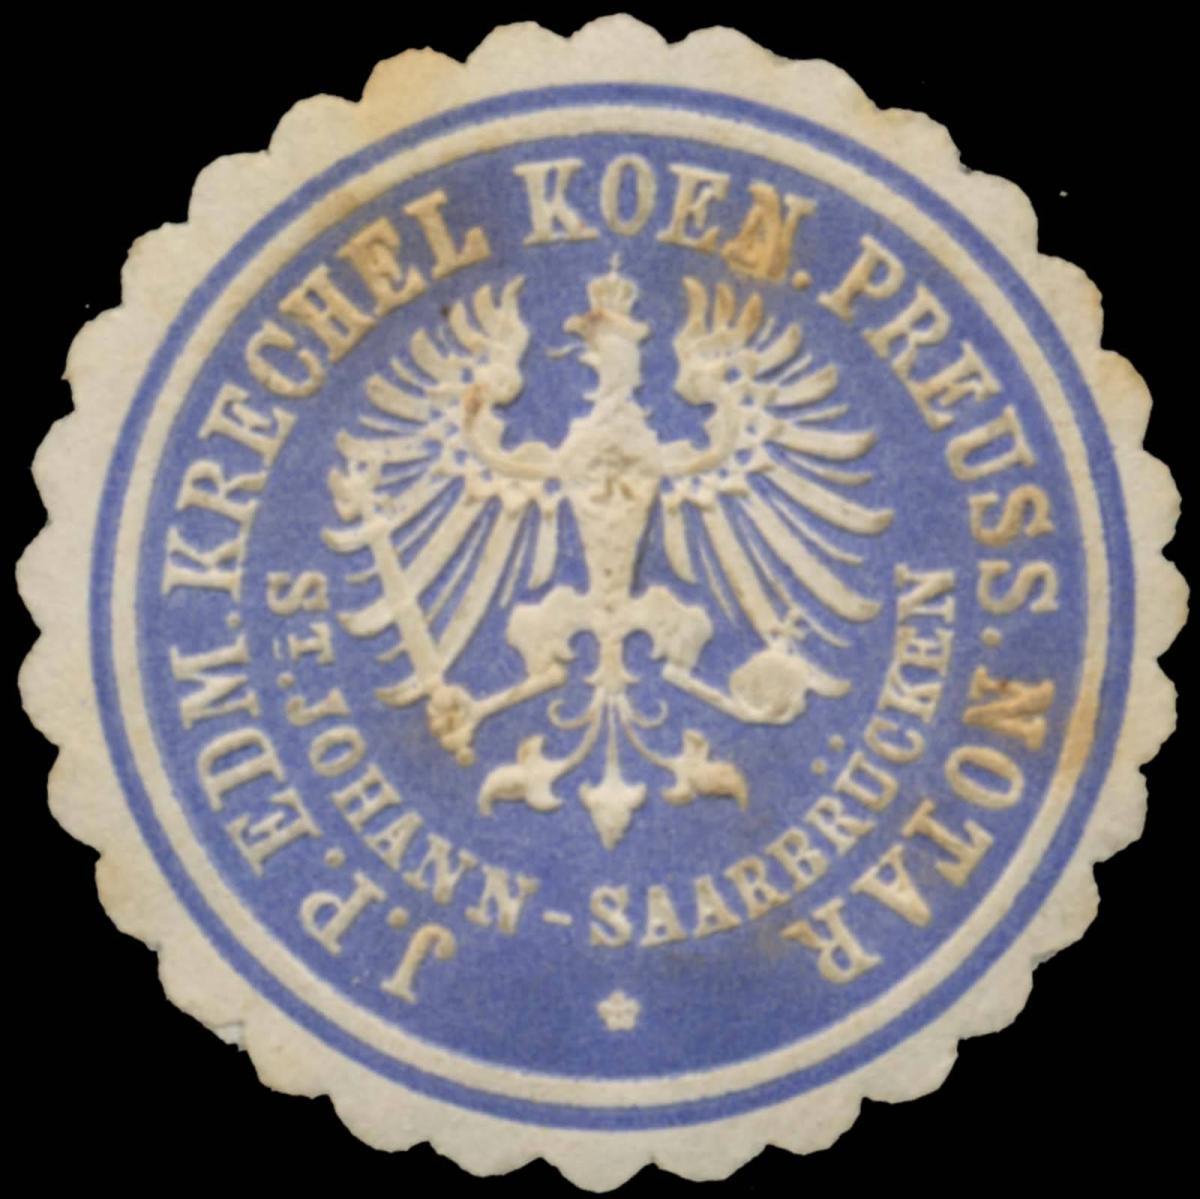 J. P. Edm. Krechel K.Pr. Notar St. Johann - Saarbrücken